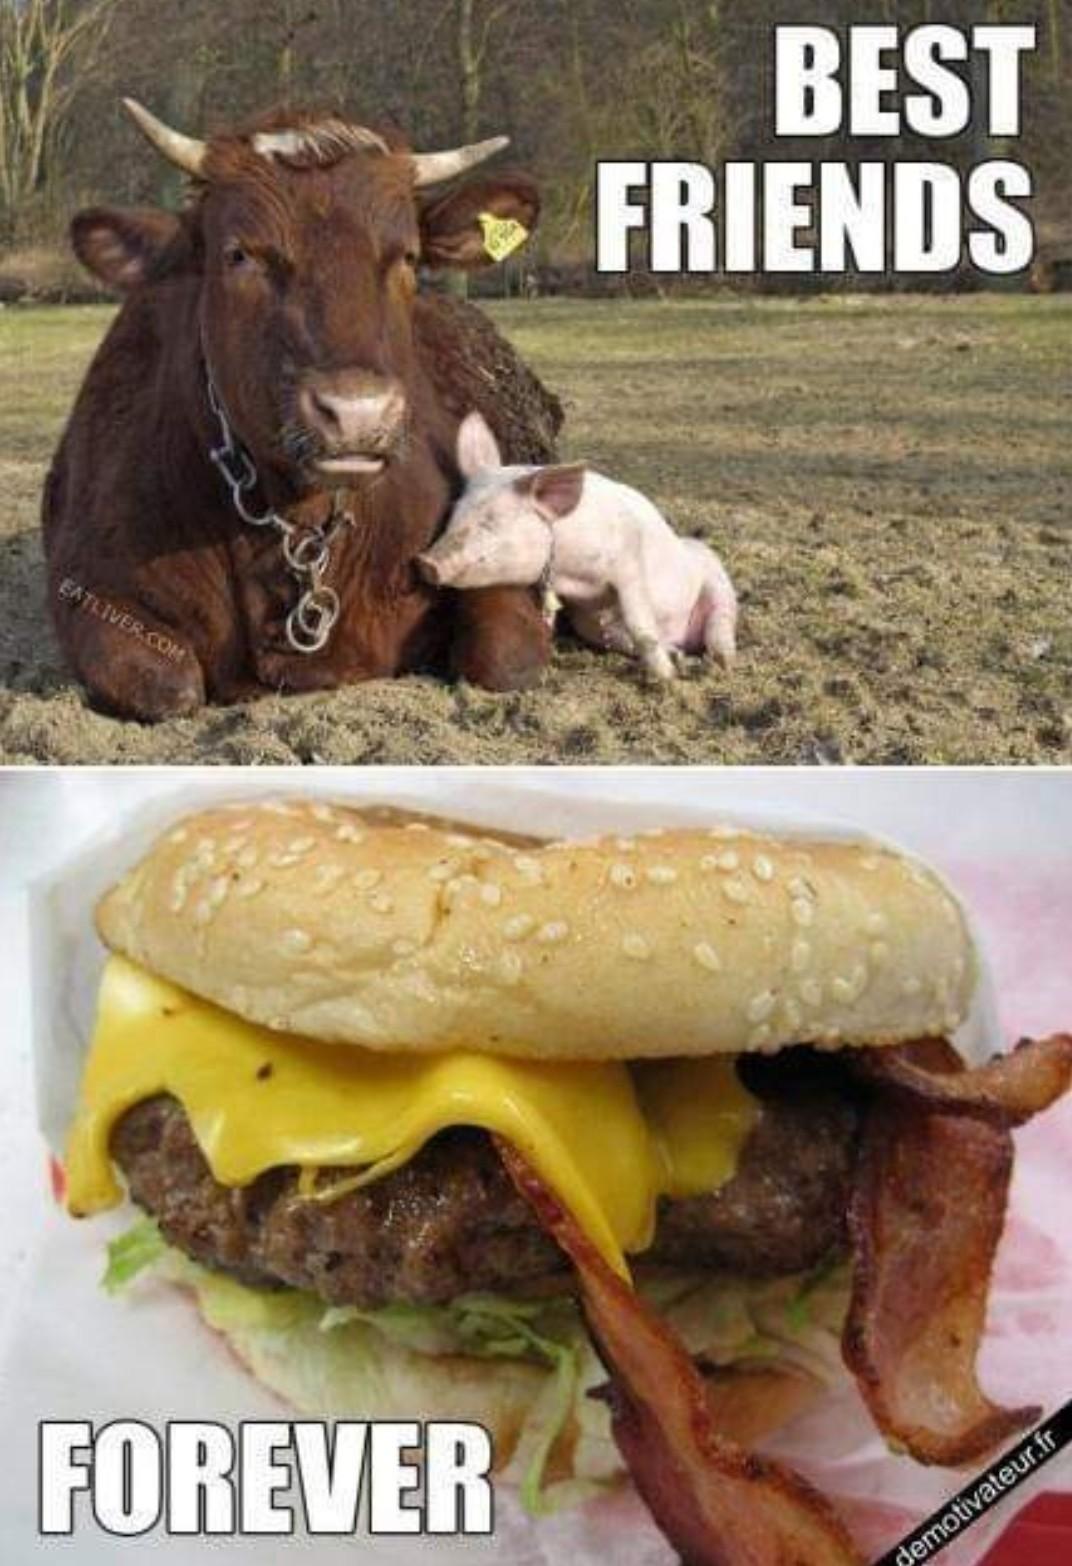 Vache + porc = burger - meme